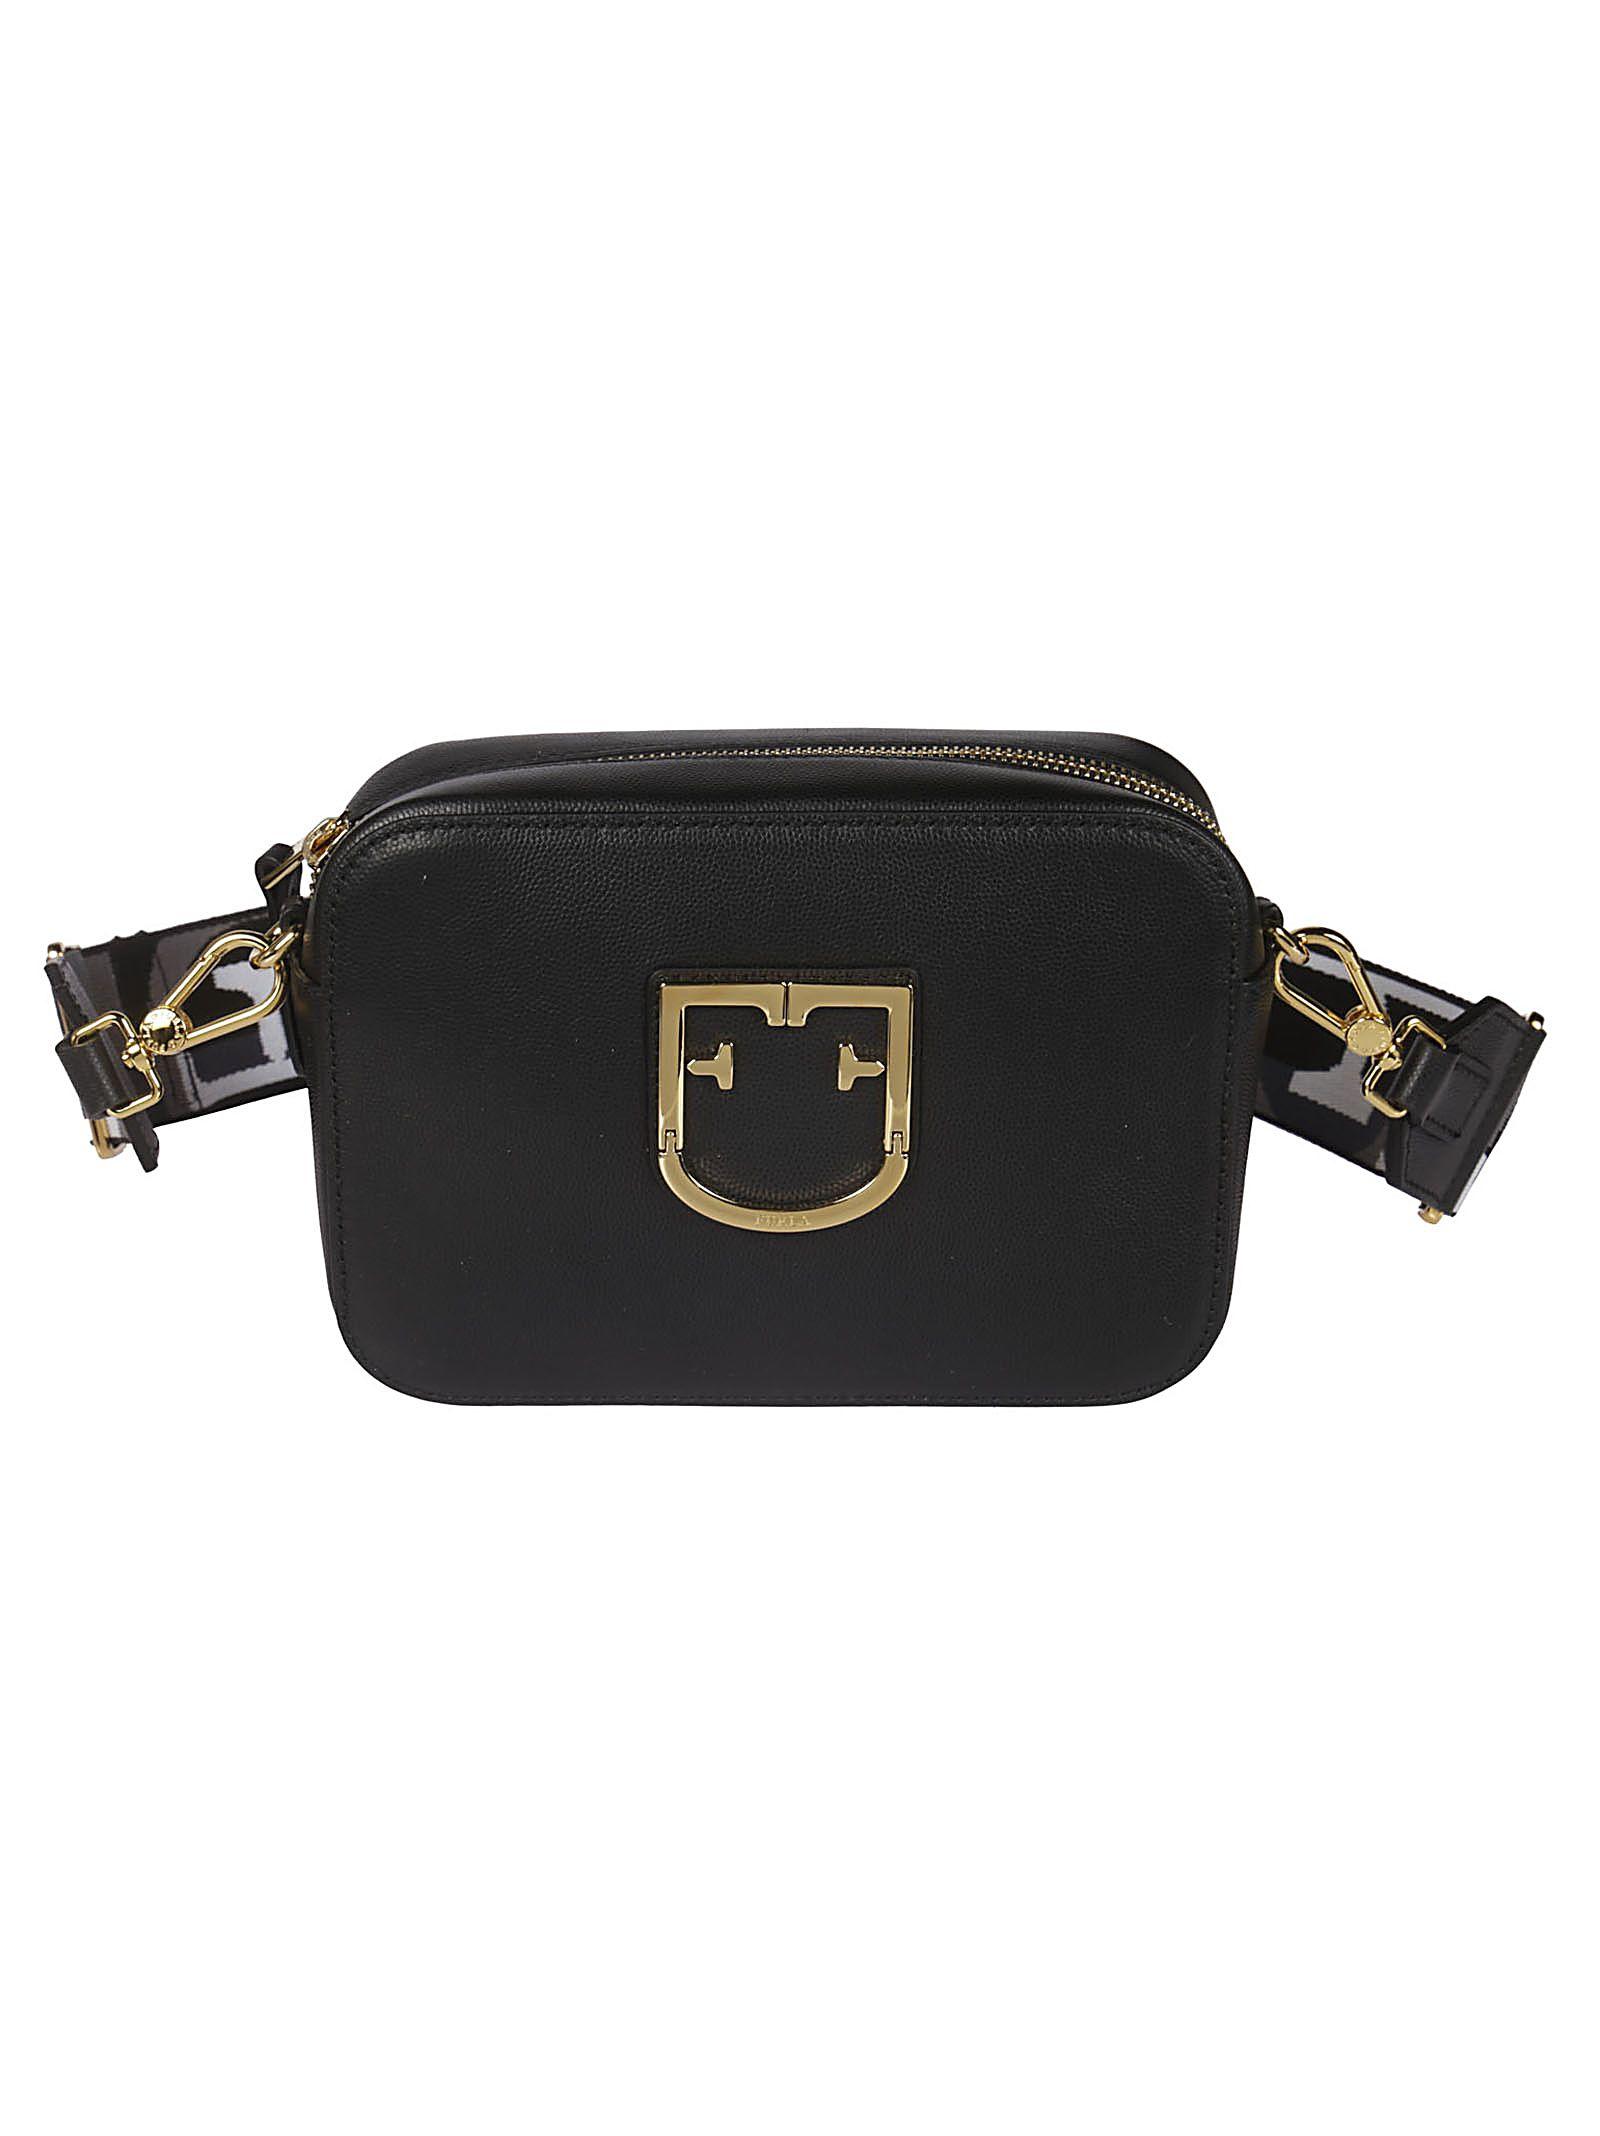 560958fb3c626 Furla Furla Brave Shoulder Bag - Black - 10805851